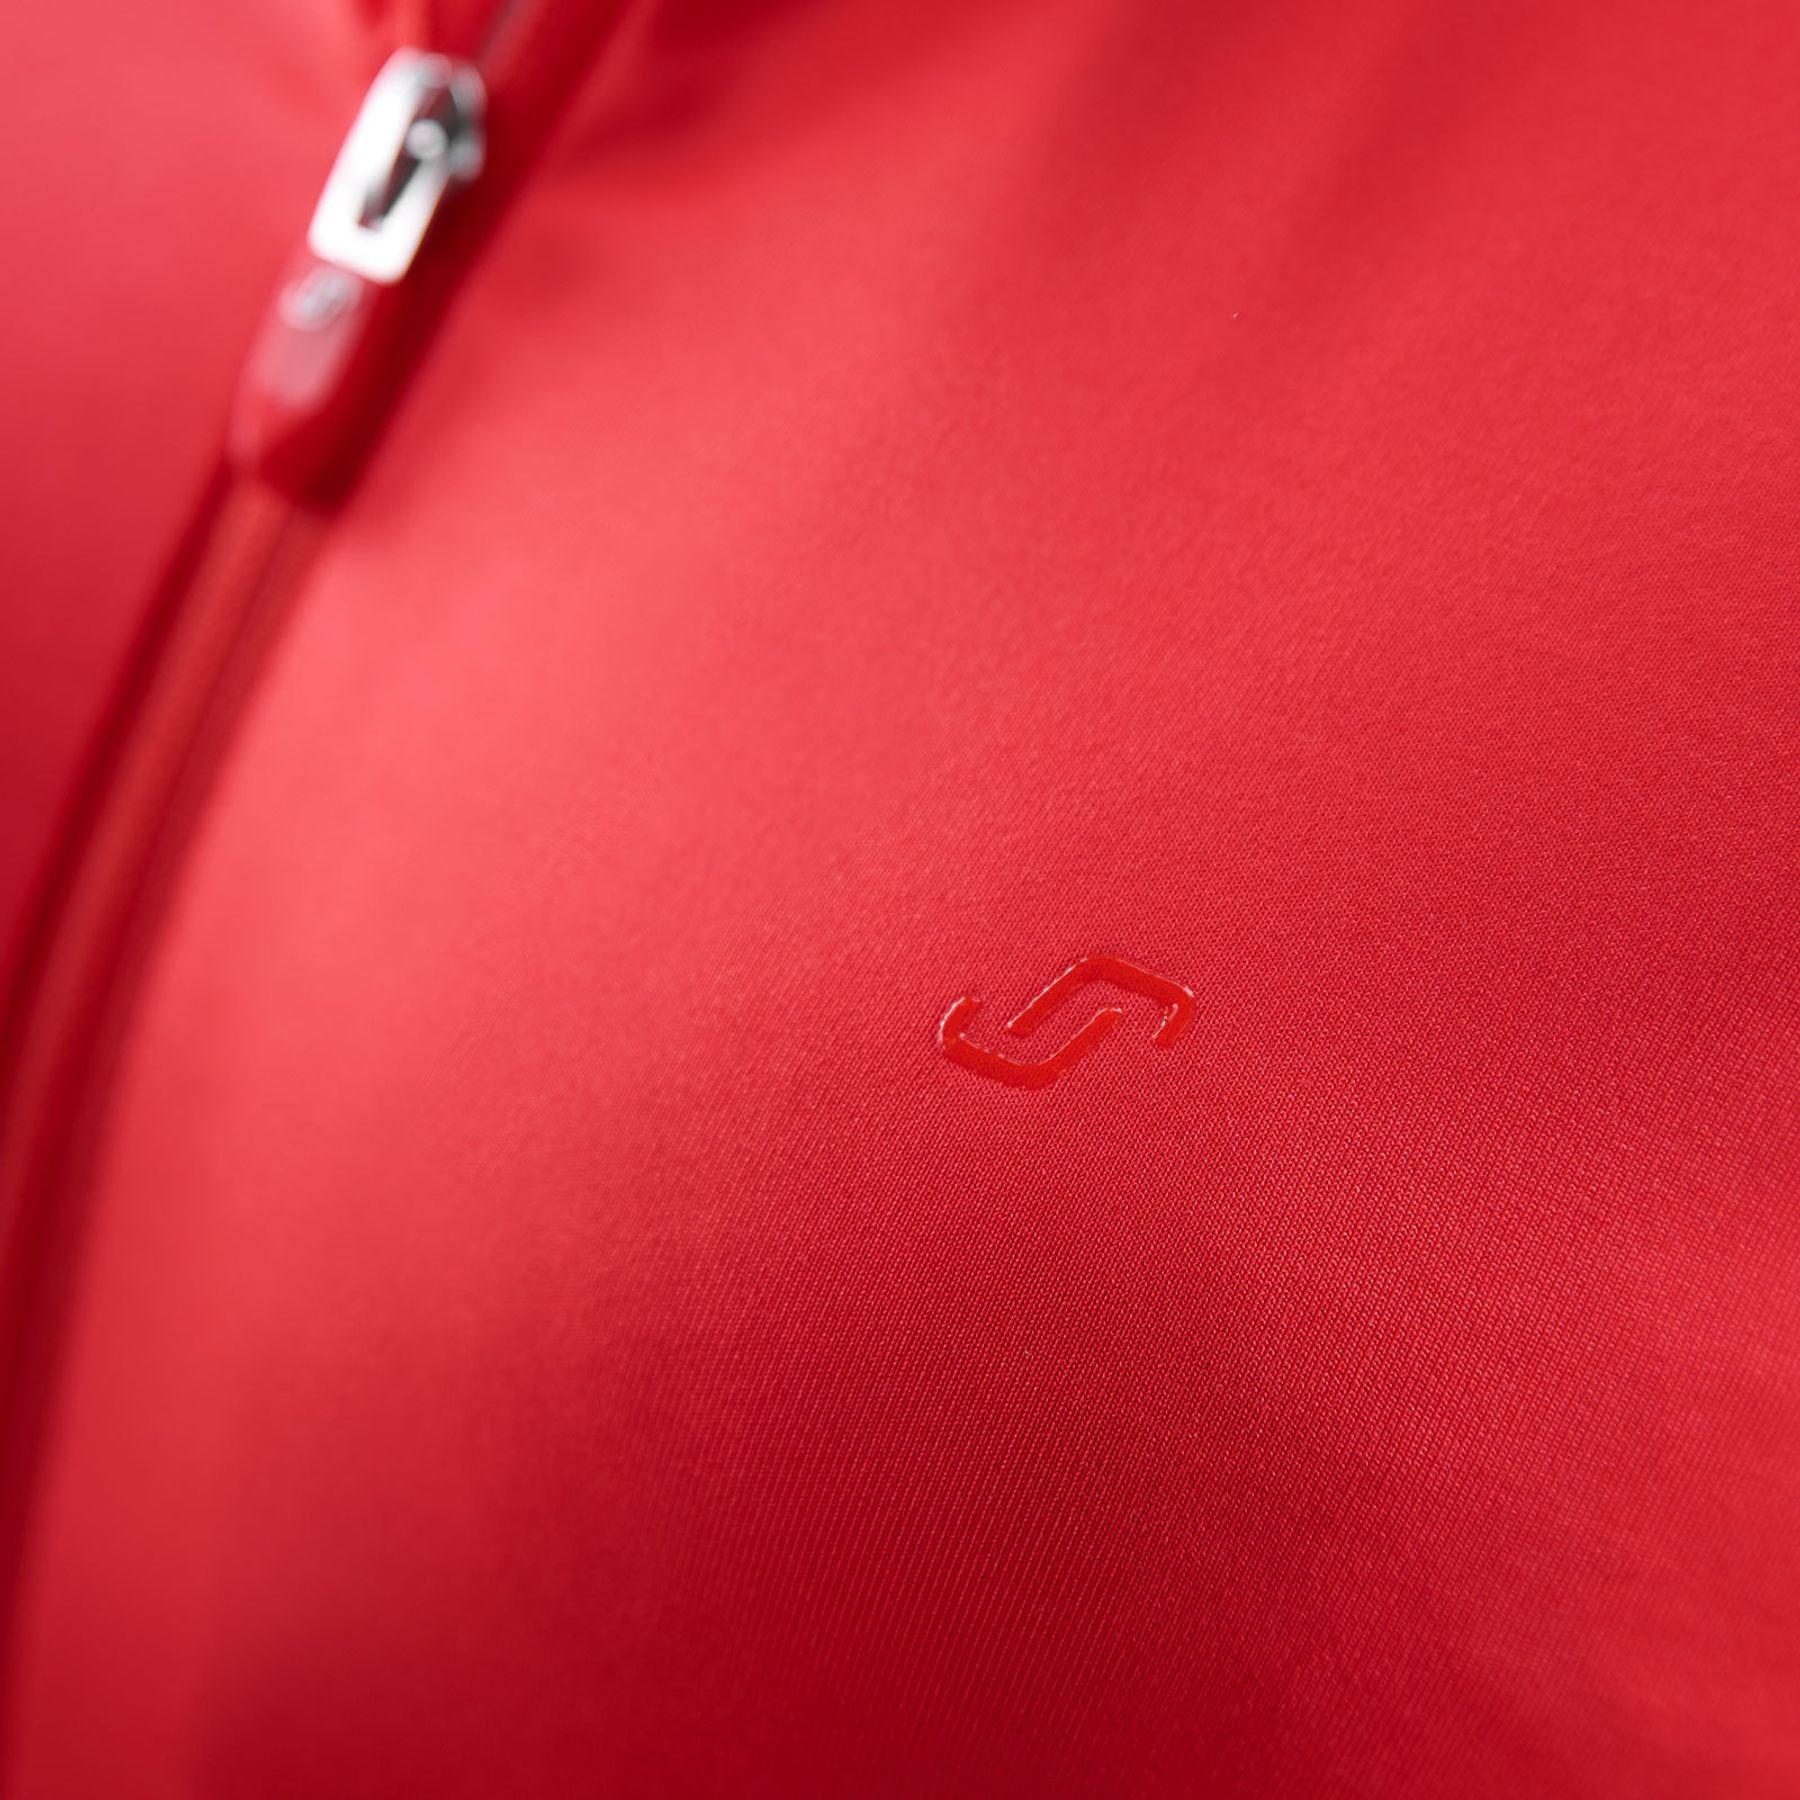 Joy - Damen Sport- und Freizeit Jacke, Pinella in versch. Farben (34462) – Bild 8